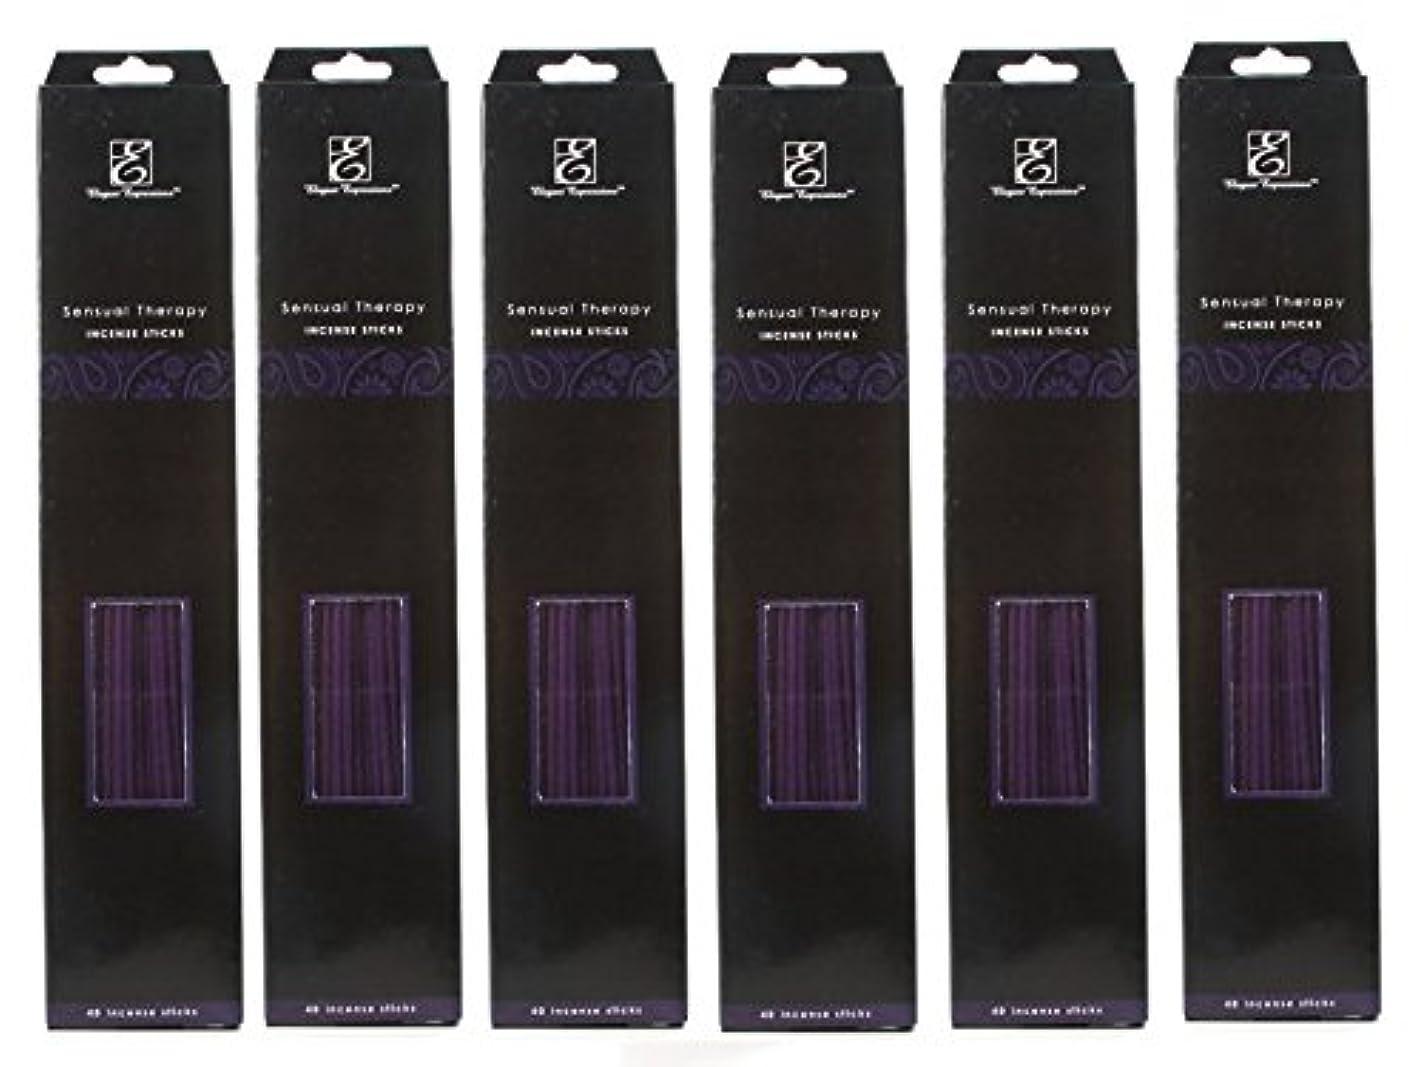 野な石のところでHosley 's Highly Fragranced官能的療法Incense Sticks 240パック、Infused with Essential Oils。Ideal For結婚式、イベント、アロマセラピー、Spa,レイキ、瞑想、浴室設定07